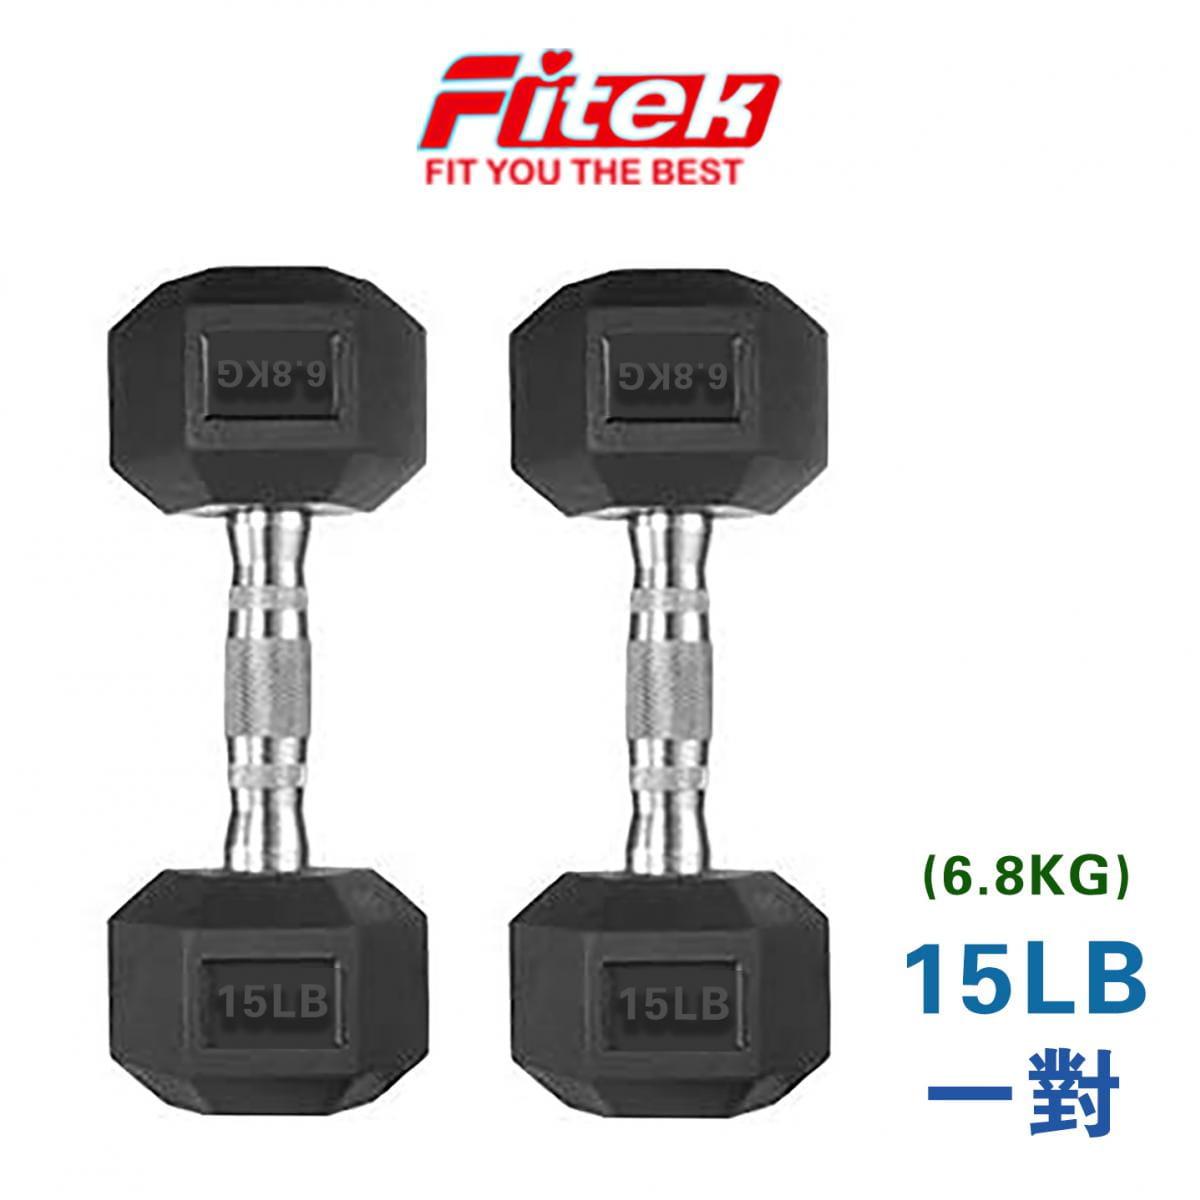 商用六角包膠啞鈴15LB【Fitek】